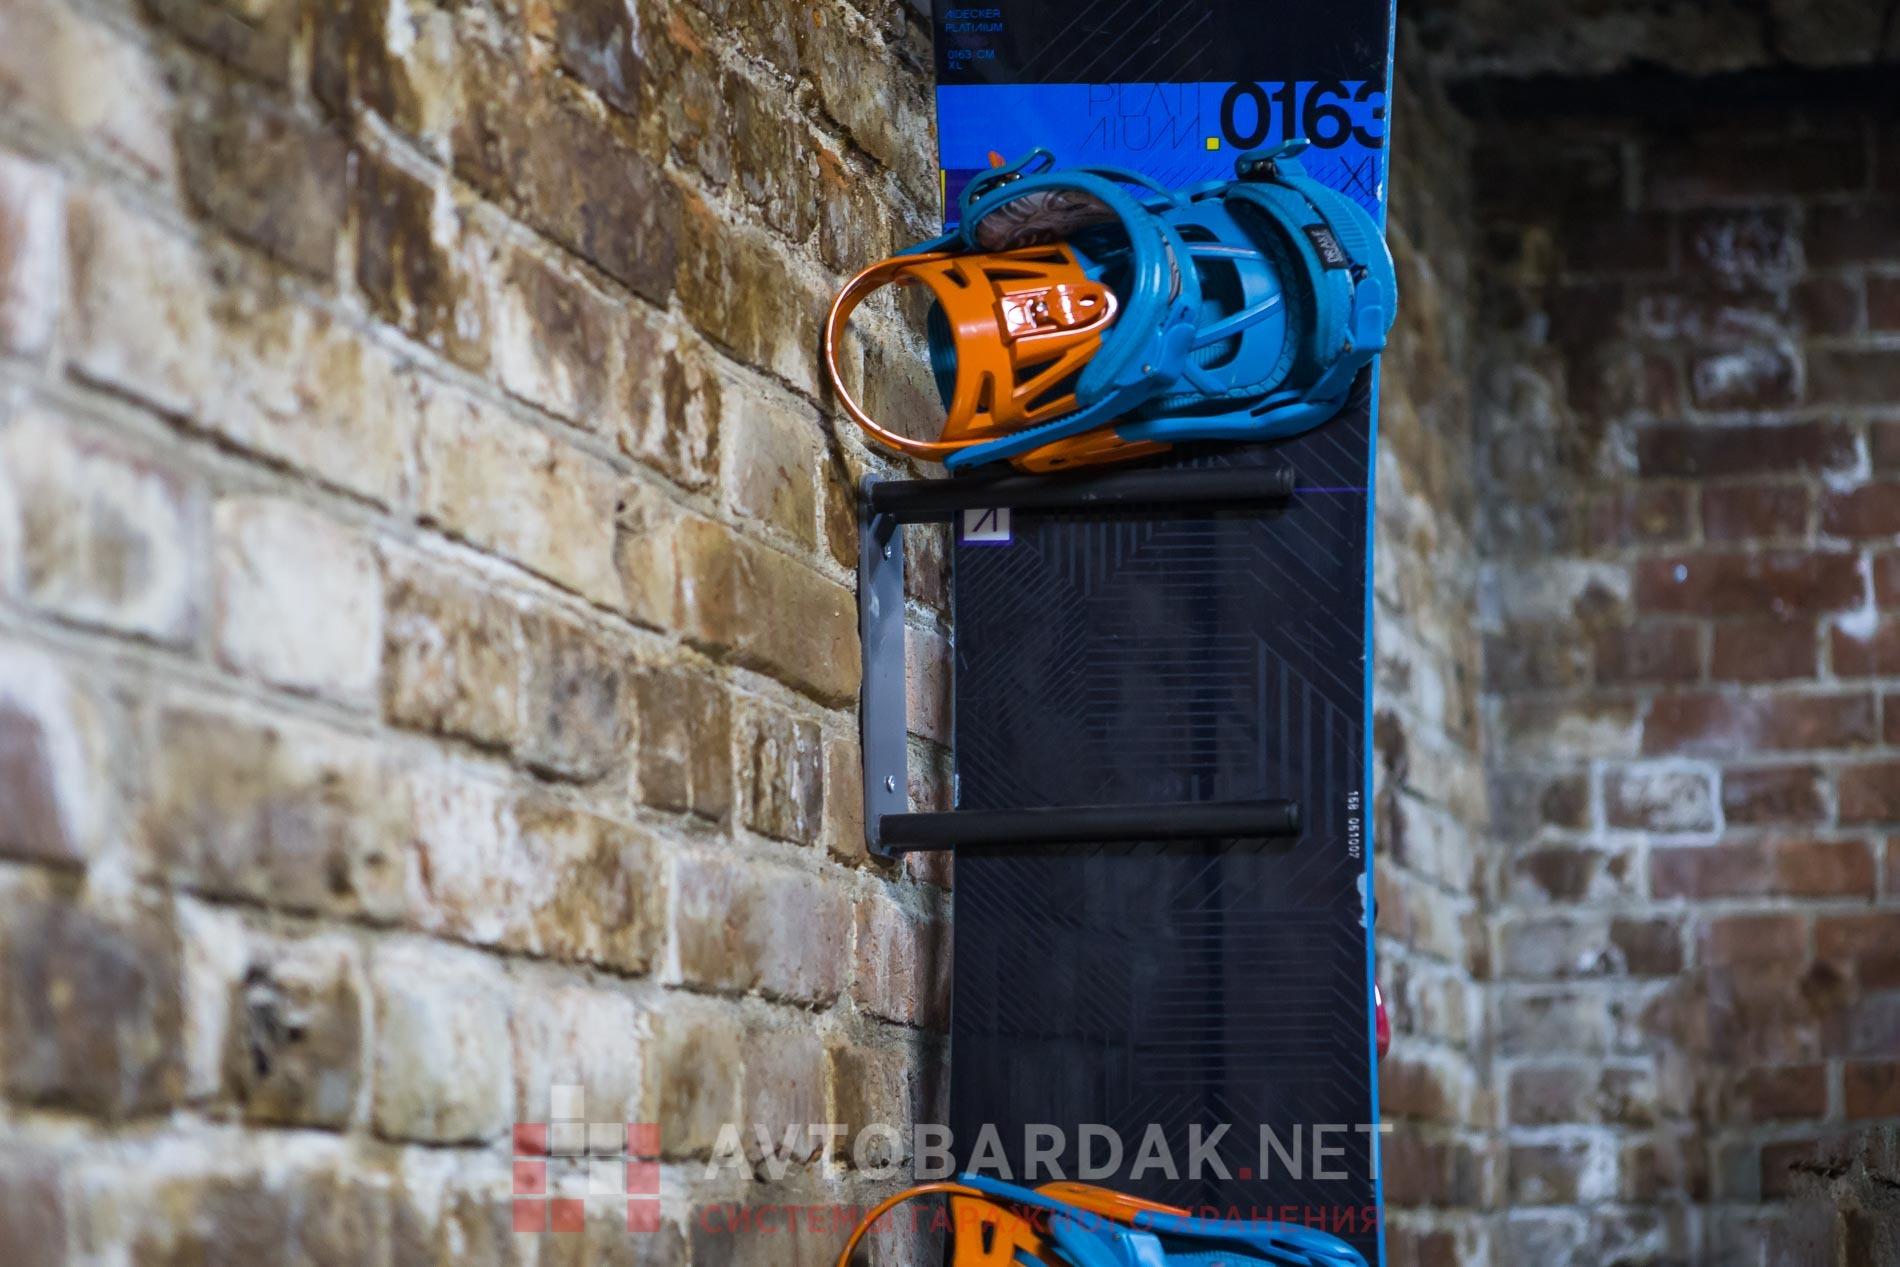 Блок держатель сноуборда на стену (крепление к стене)